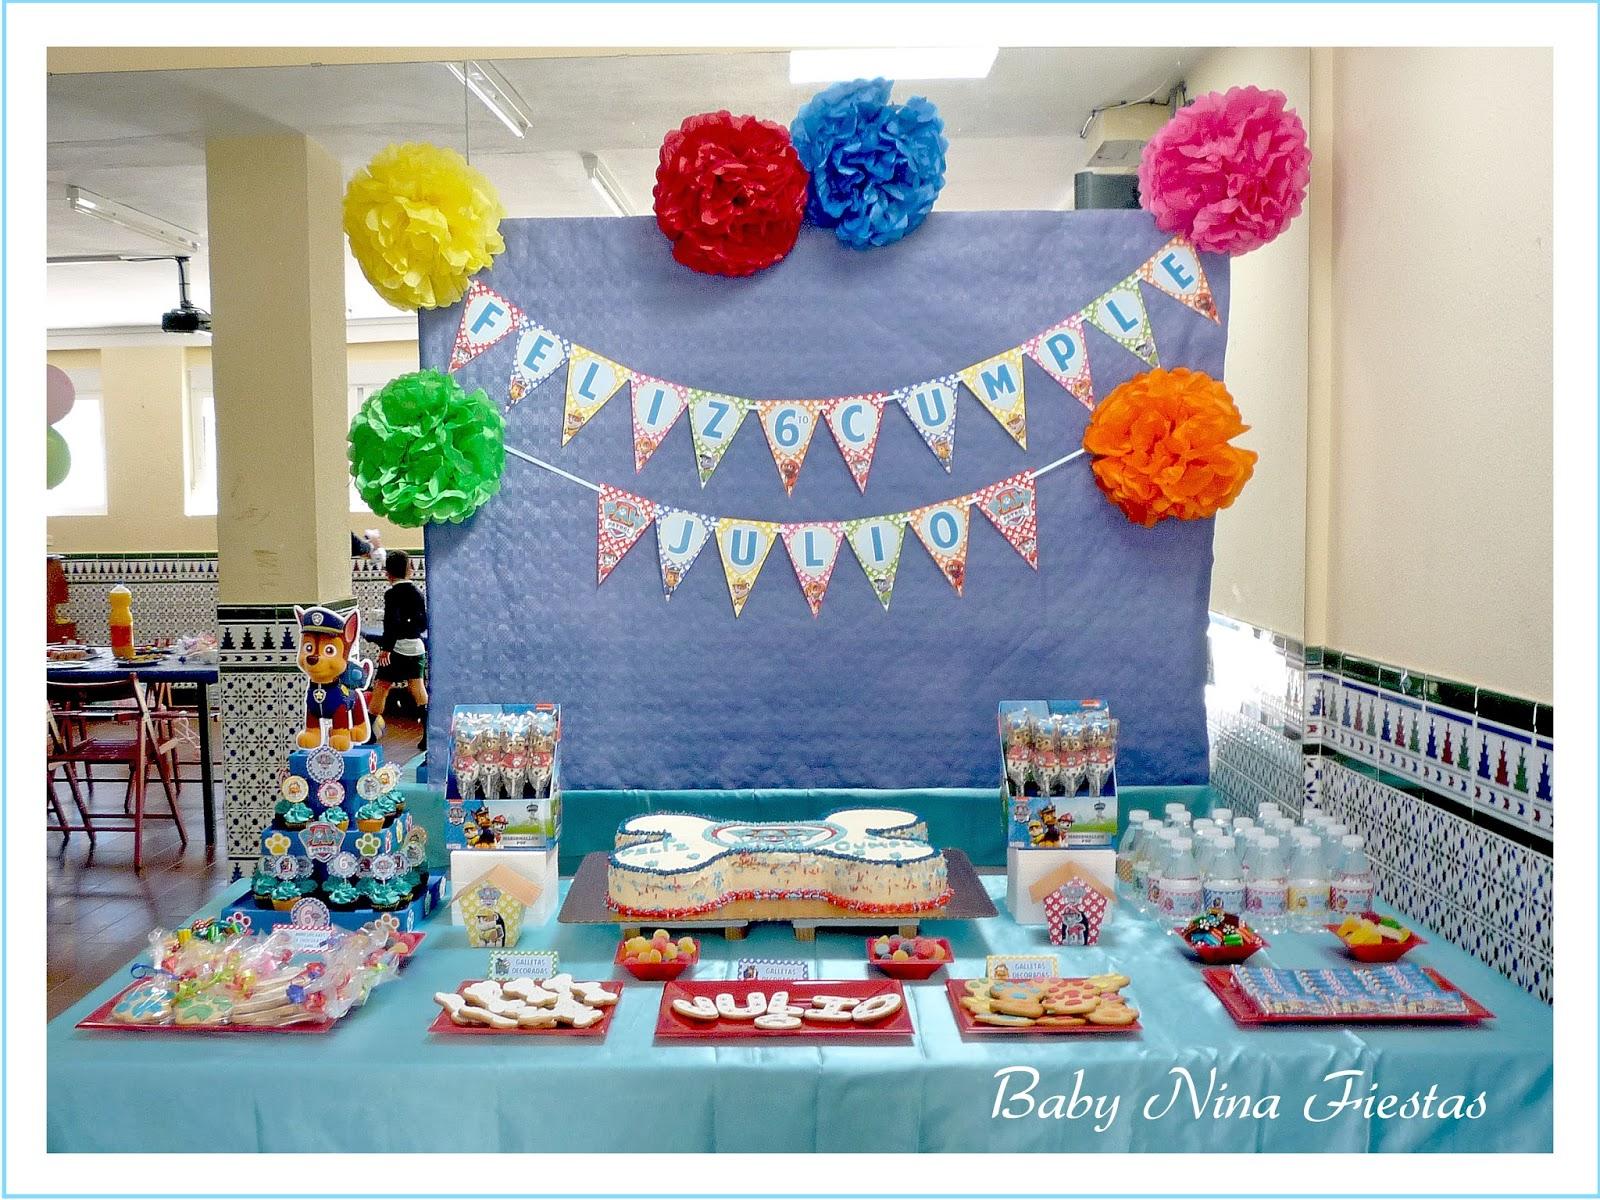 Baby nina fiestas mesa dulce patrulla canina para julio - Decoracion de la patrulla canina ...